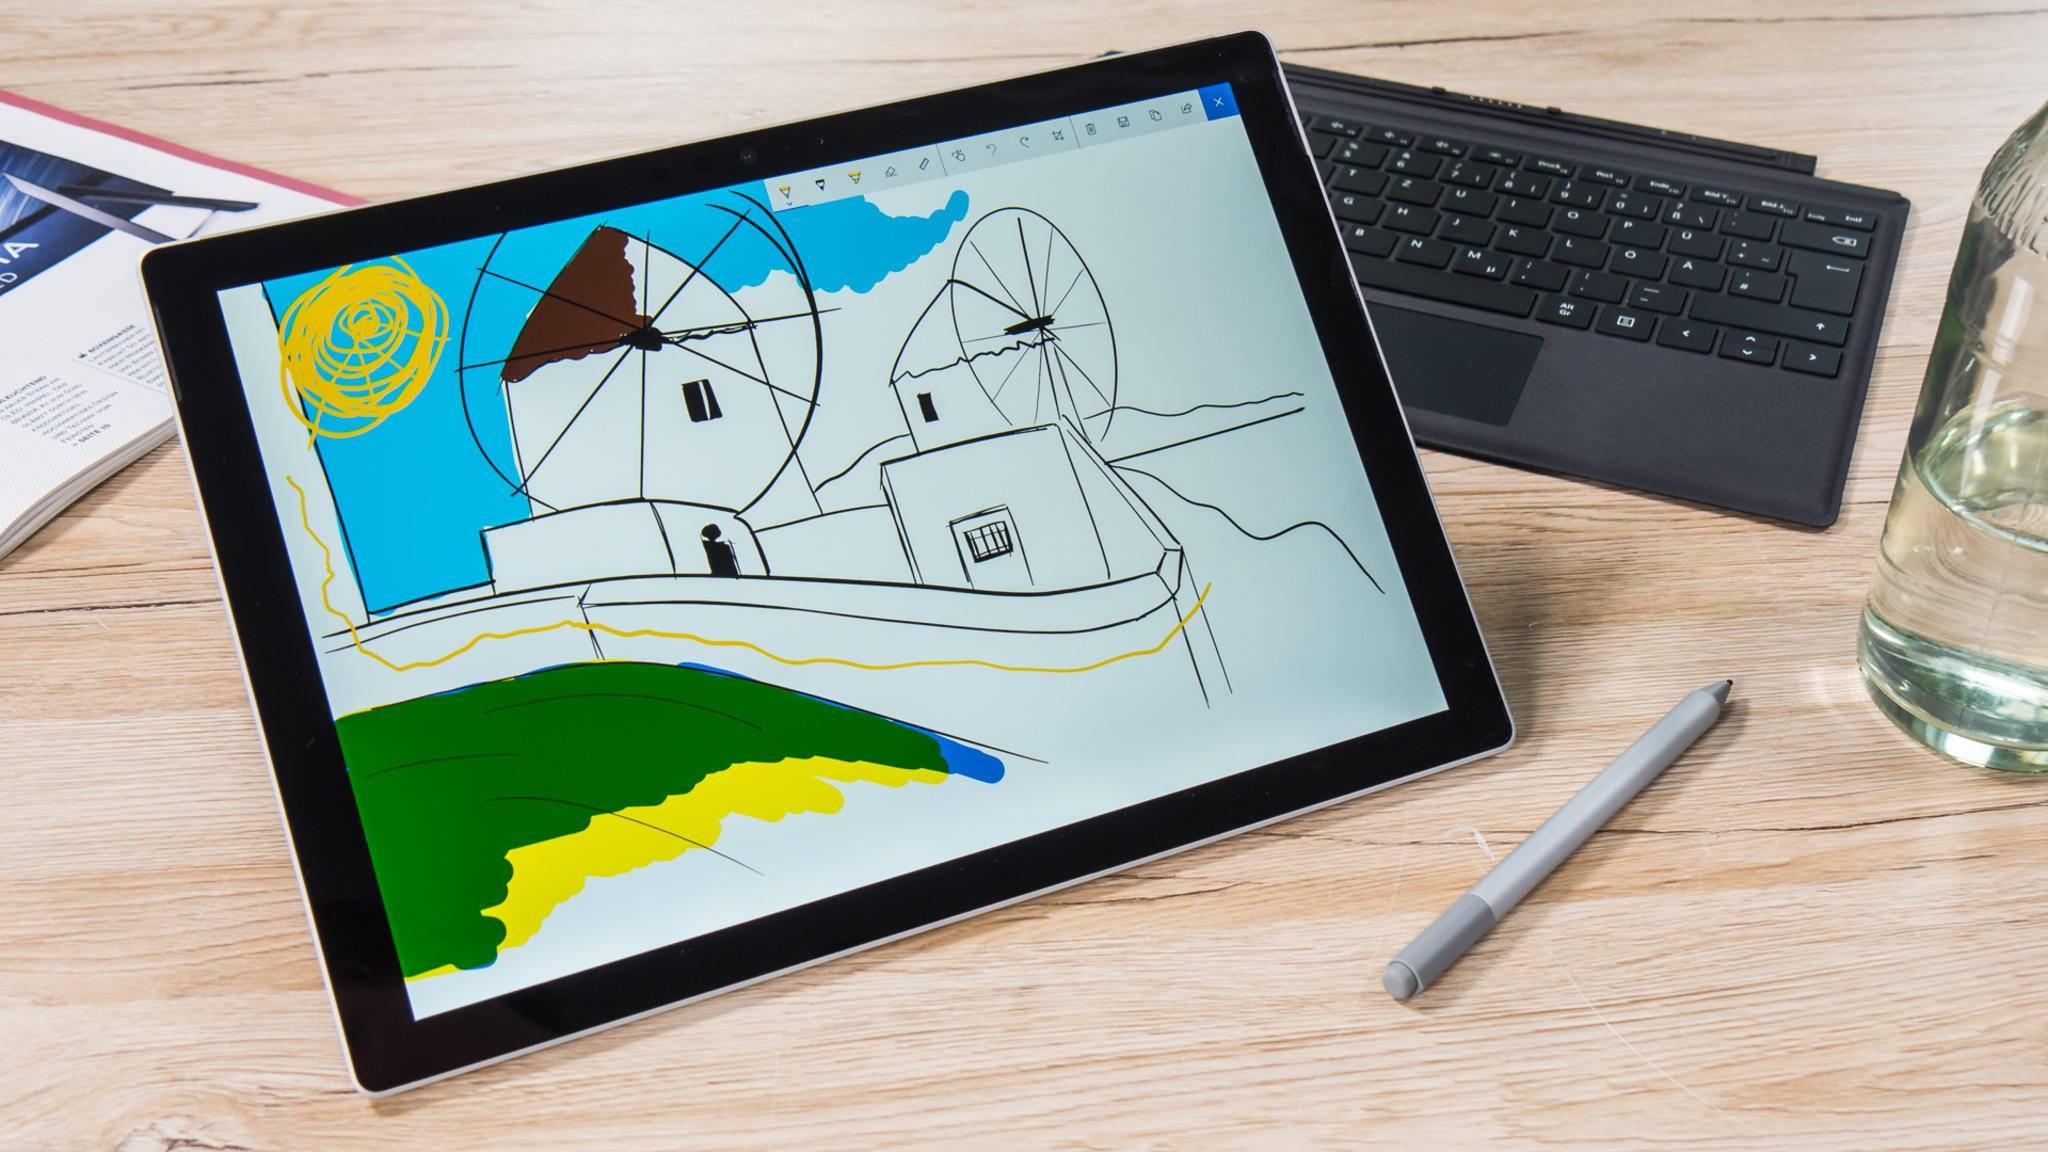 Mit diesen Tipps holst Du mehr aus Deinem Surface Pro (2017) heraus.